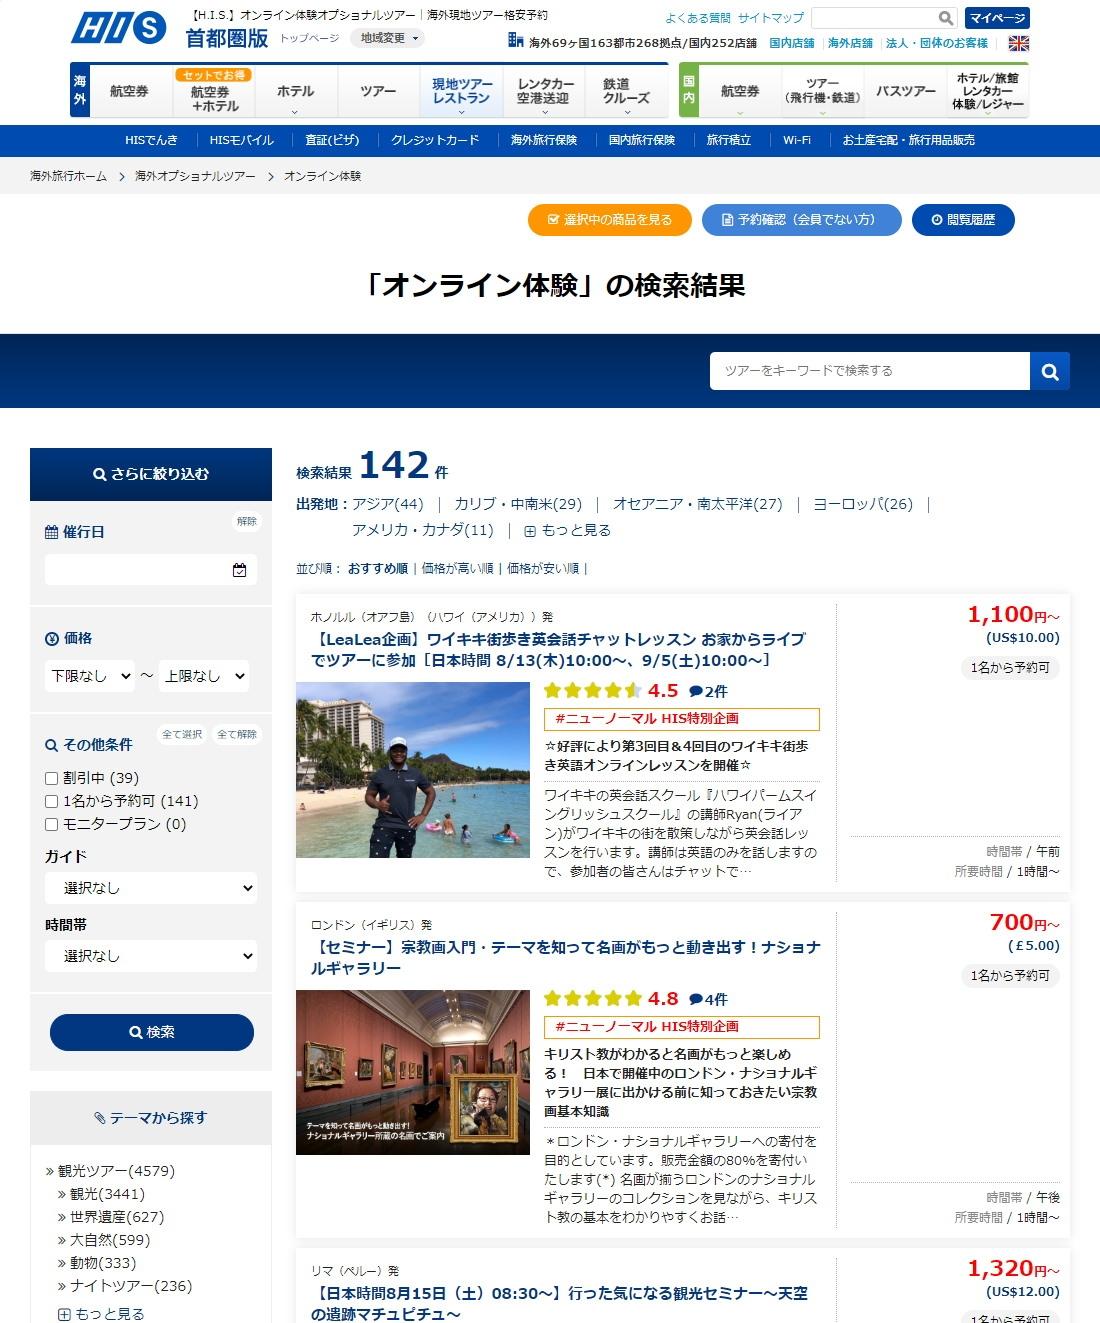 エイチ・アイ・エス(HIS)は海外オプショナルツアーのオンライン版を販売している (出所:エイチ・アイ・エス)